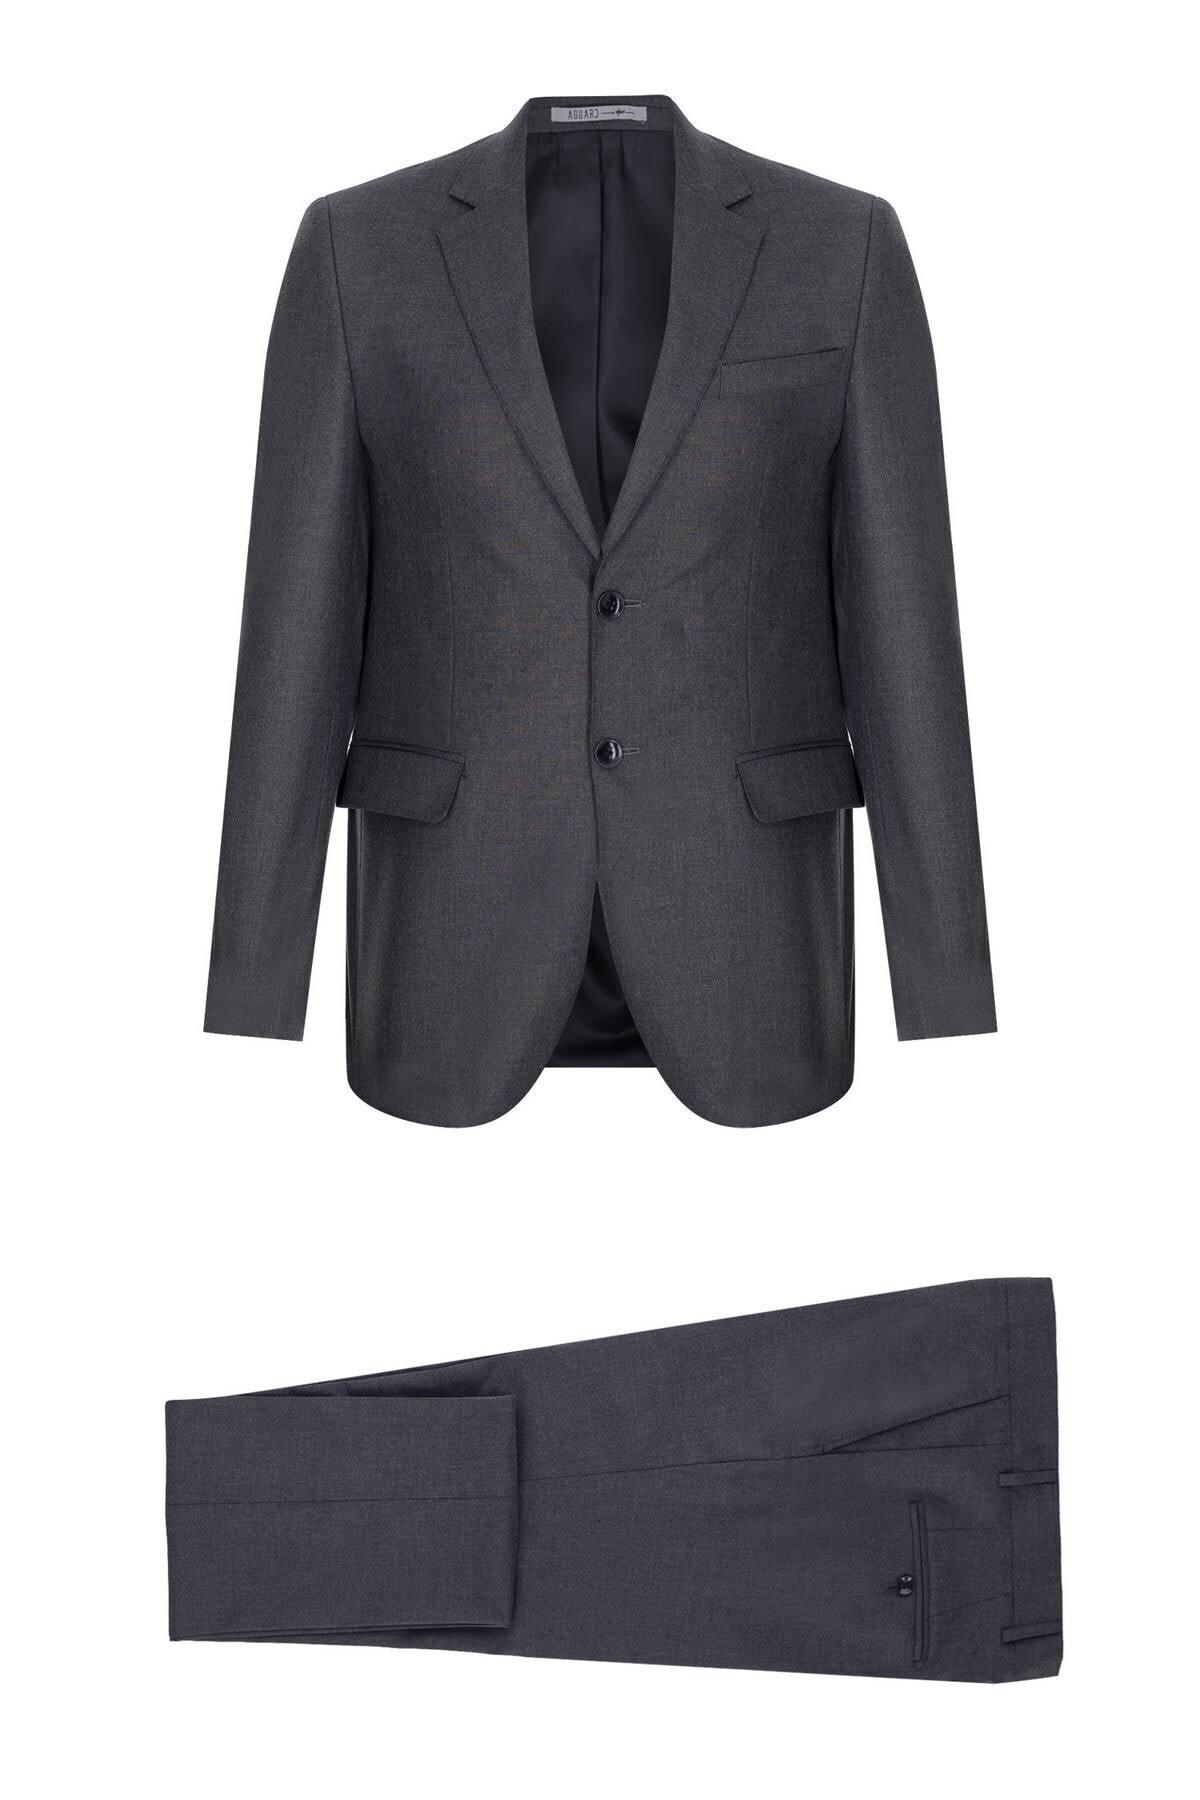 İgs Erkek Füme Barı / Geniş Kalıp Std Takım Elbise 1